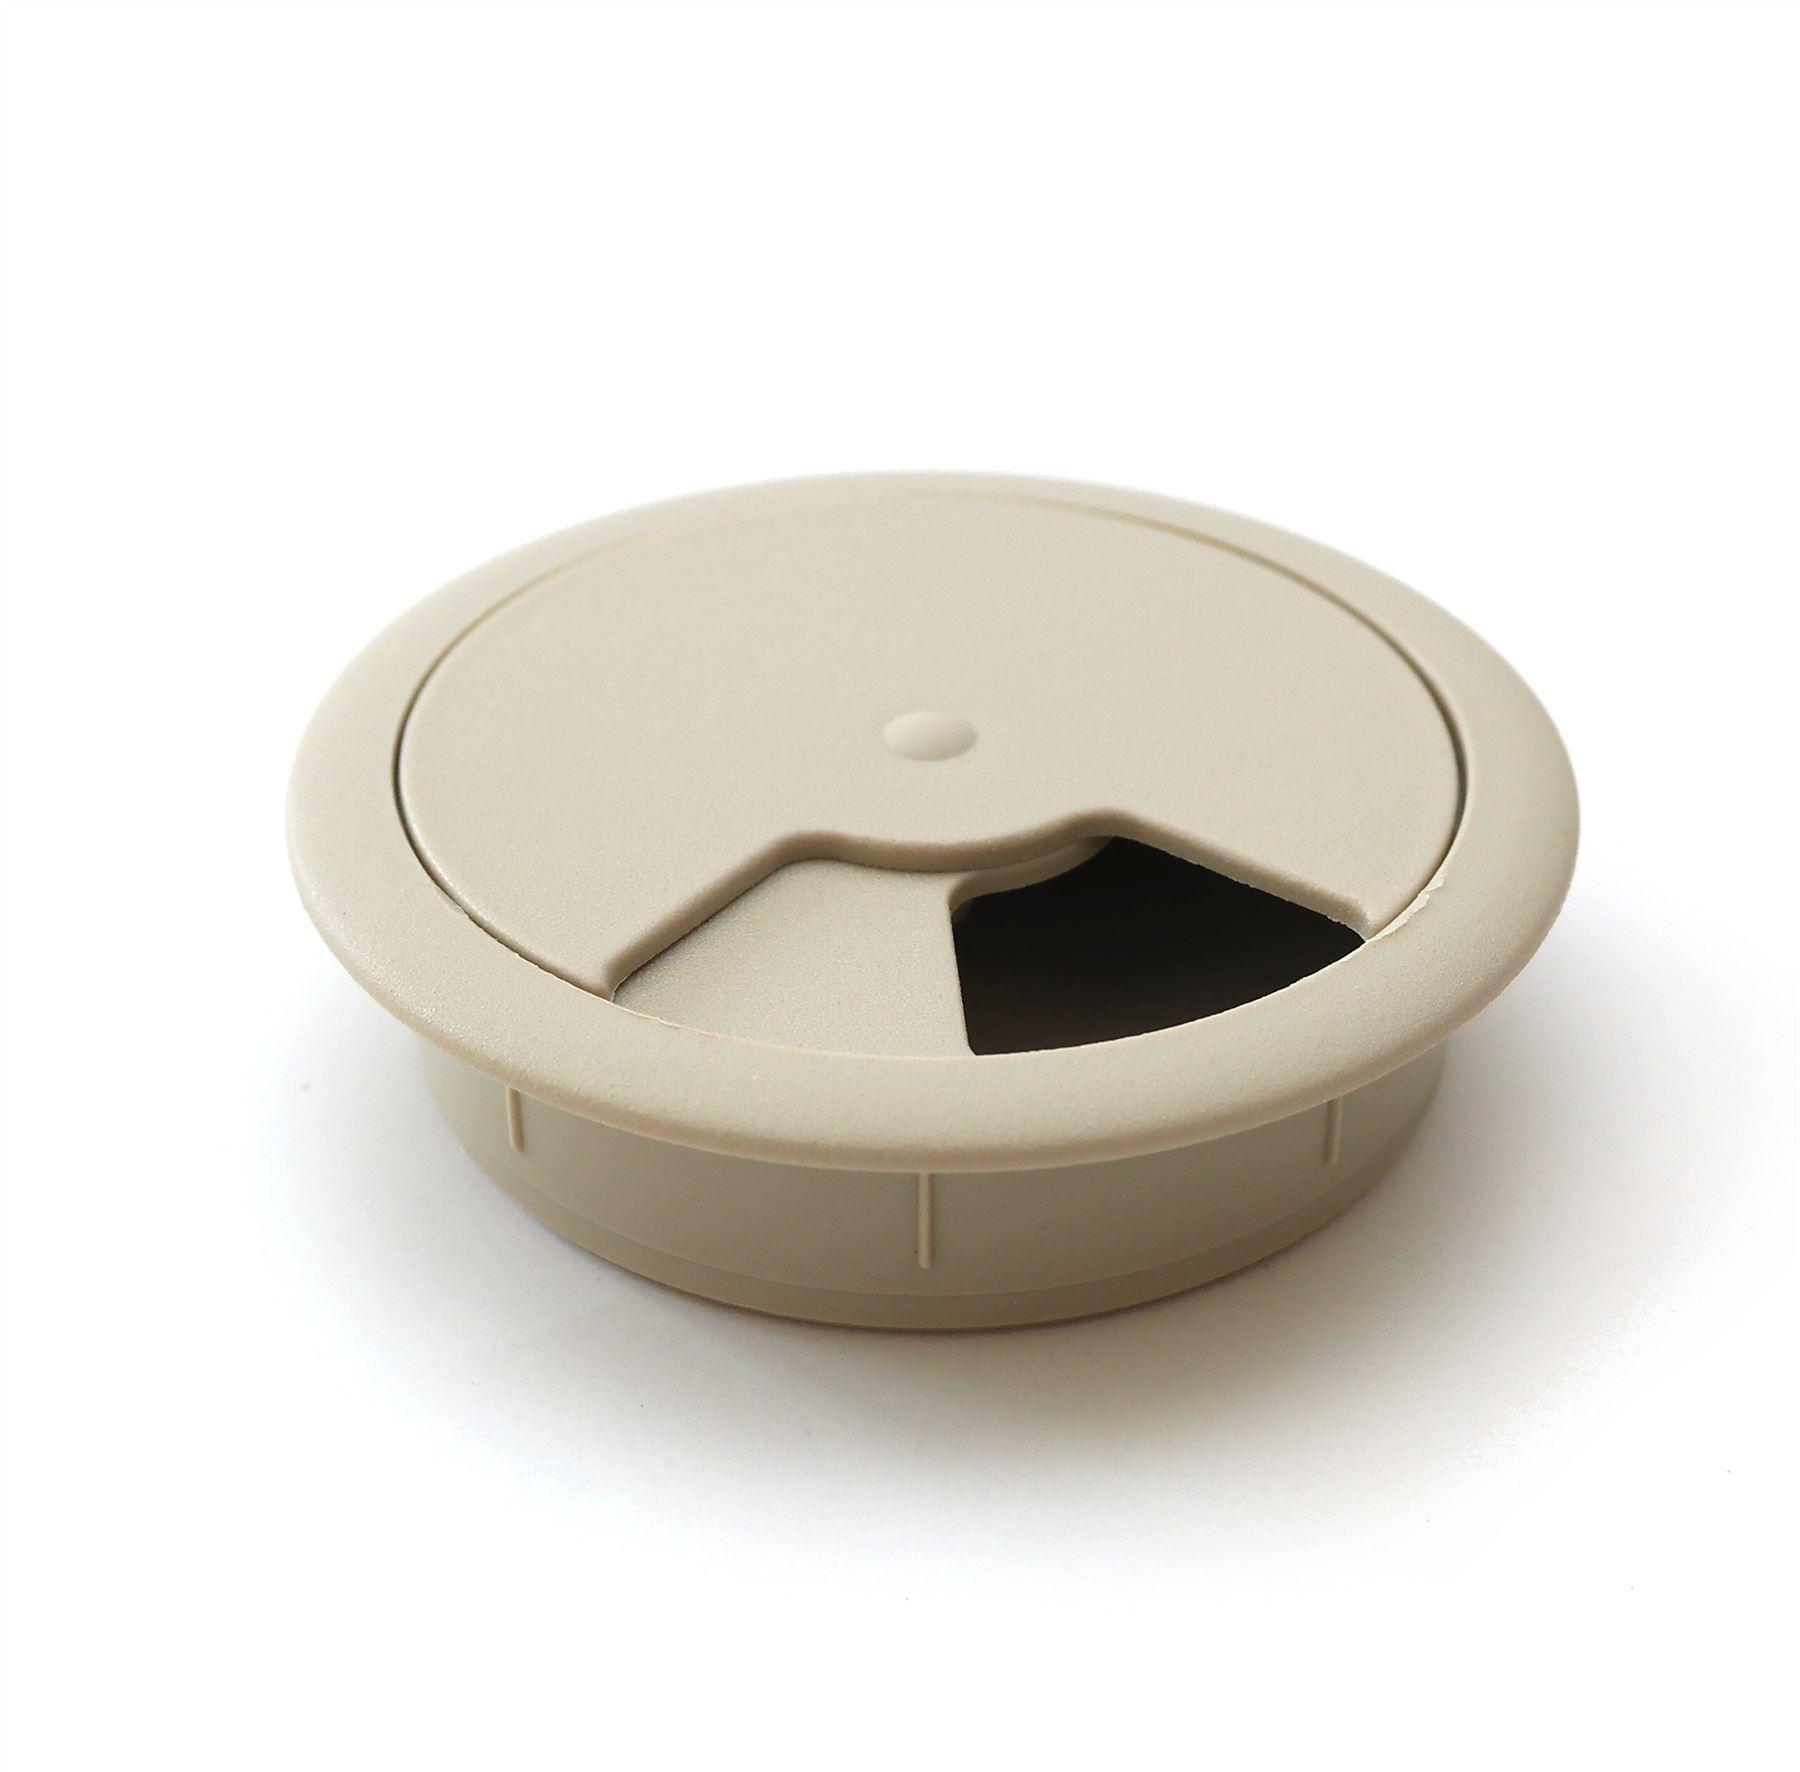 60mm-pc-computer-Scrivania-da-PLASTICA-PASSACAVO-tabella-cavo-ordinato-wire-Hole-copertura miniatura 71